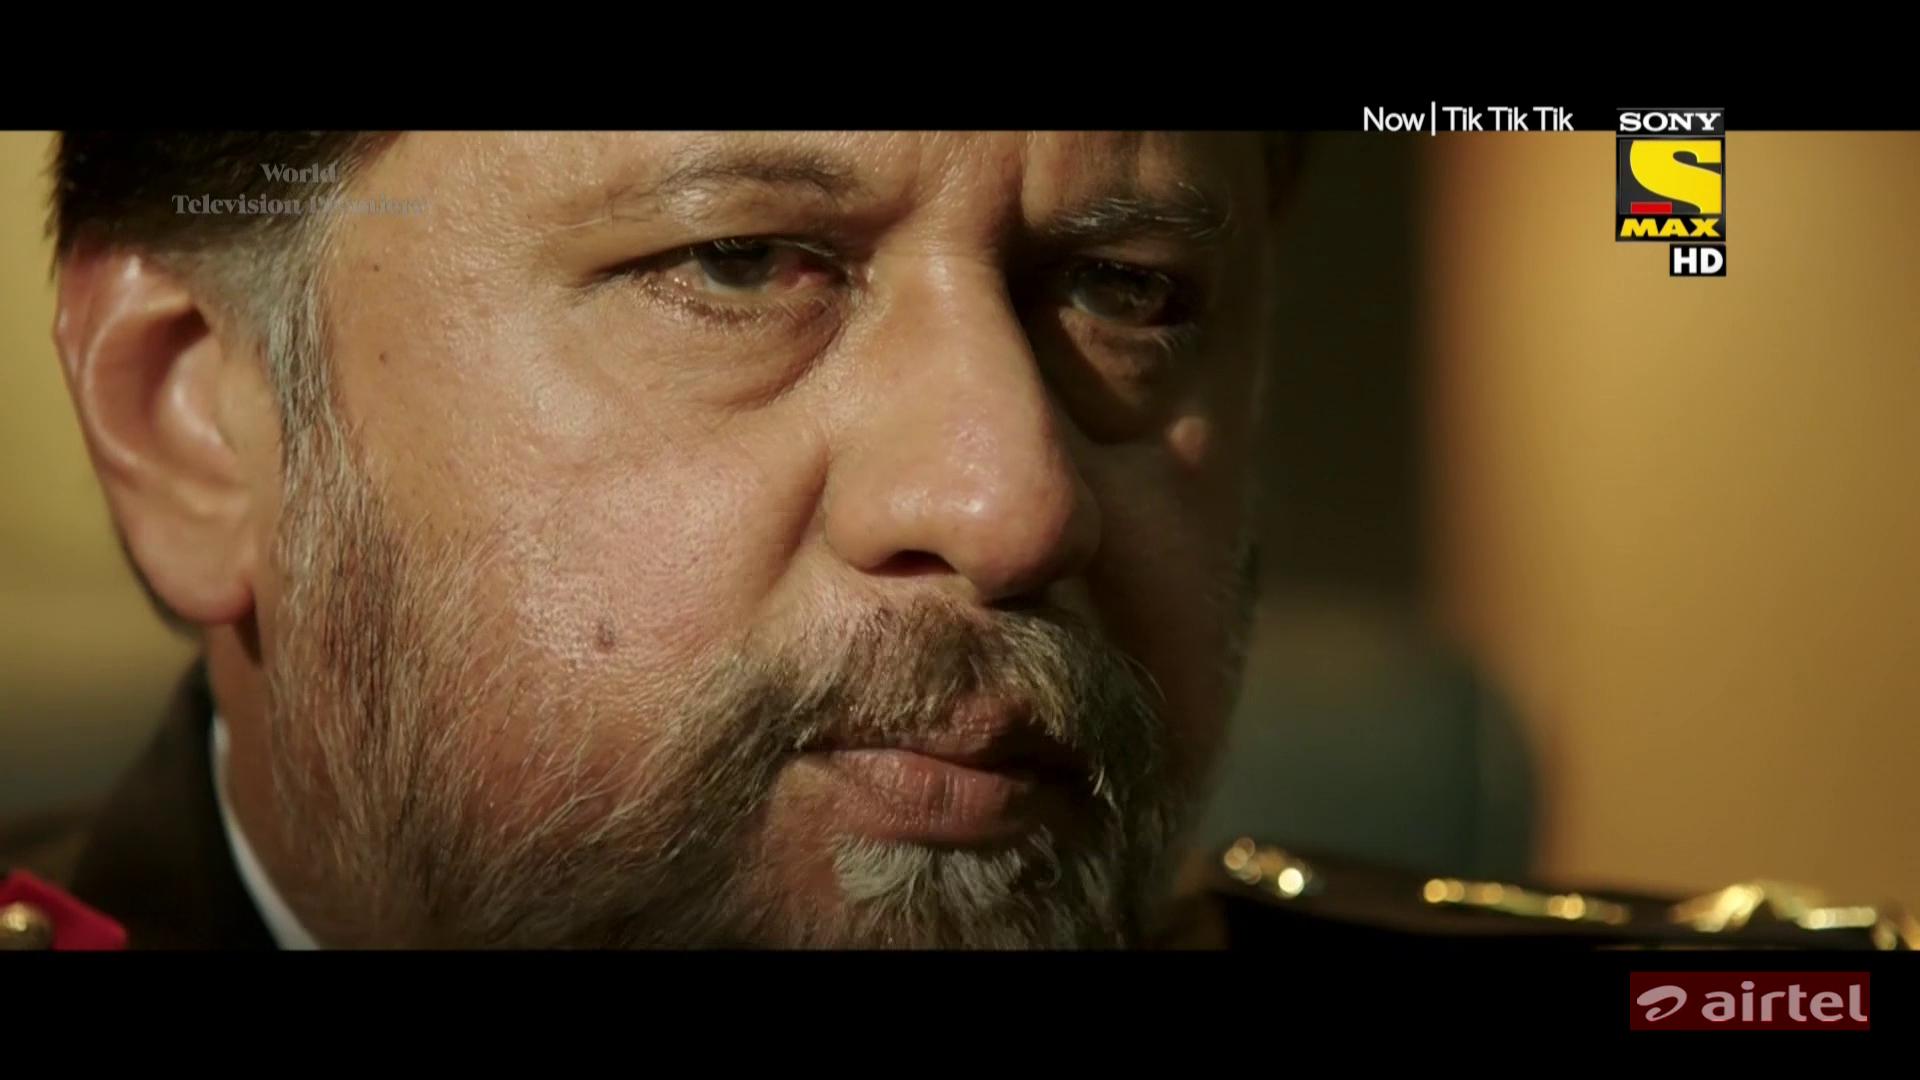 Tik Tik Tik (2018) Hindi - 1080p - UntoucheD - HDTV - AVC - AAC-Team IcTv Exclusive